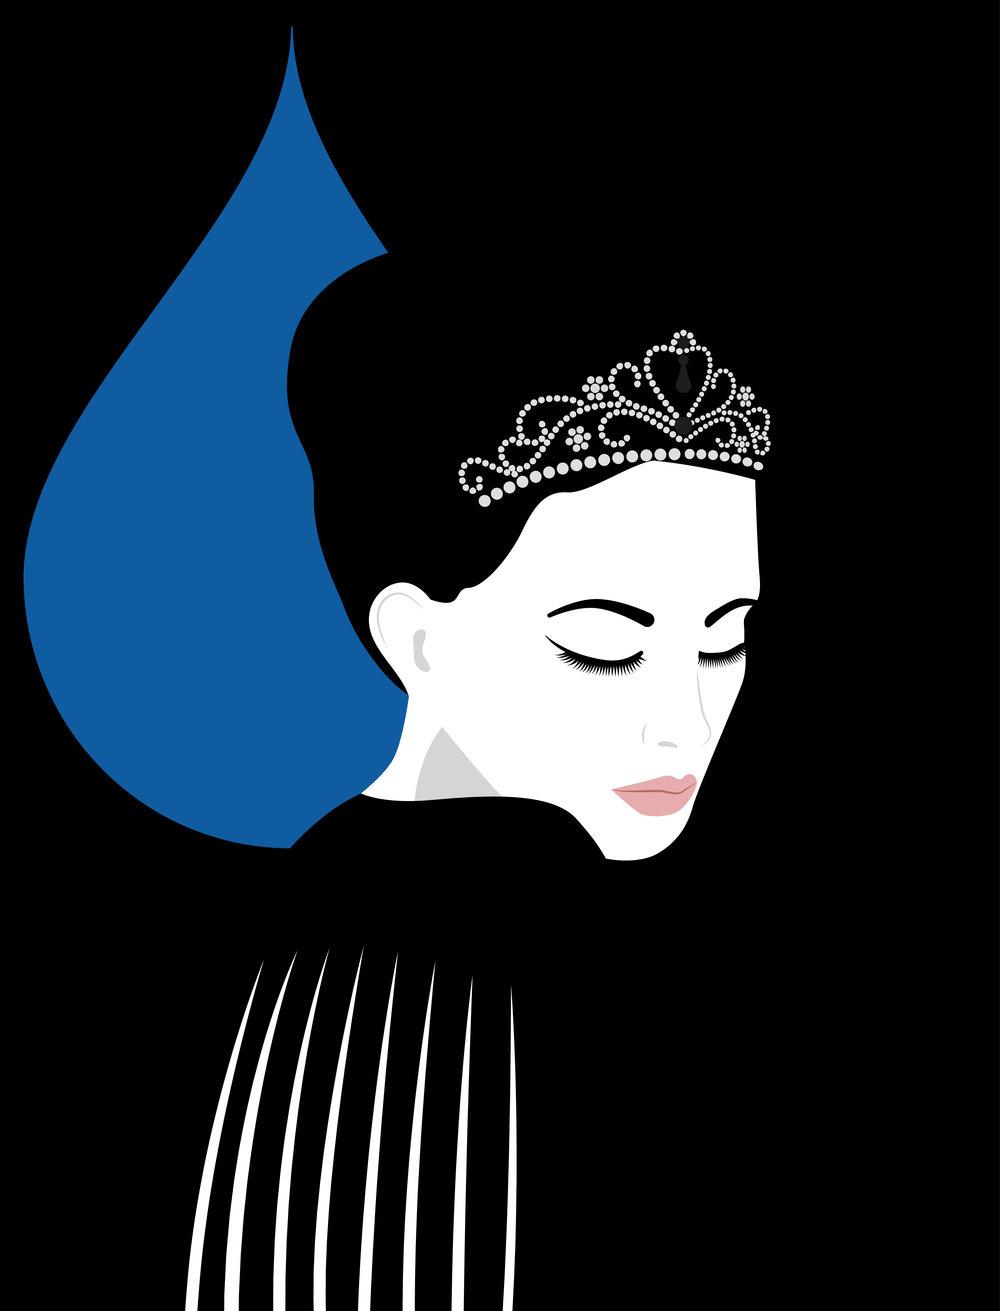 princess2-04.jpg